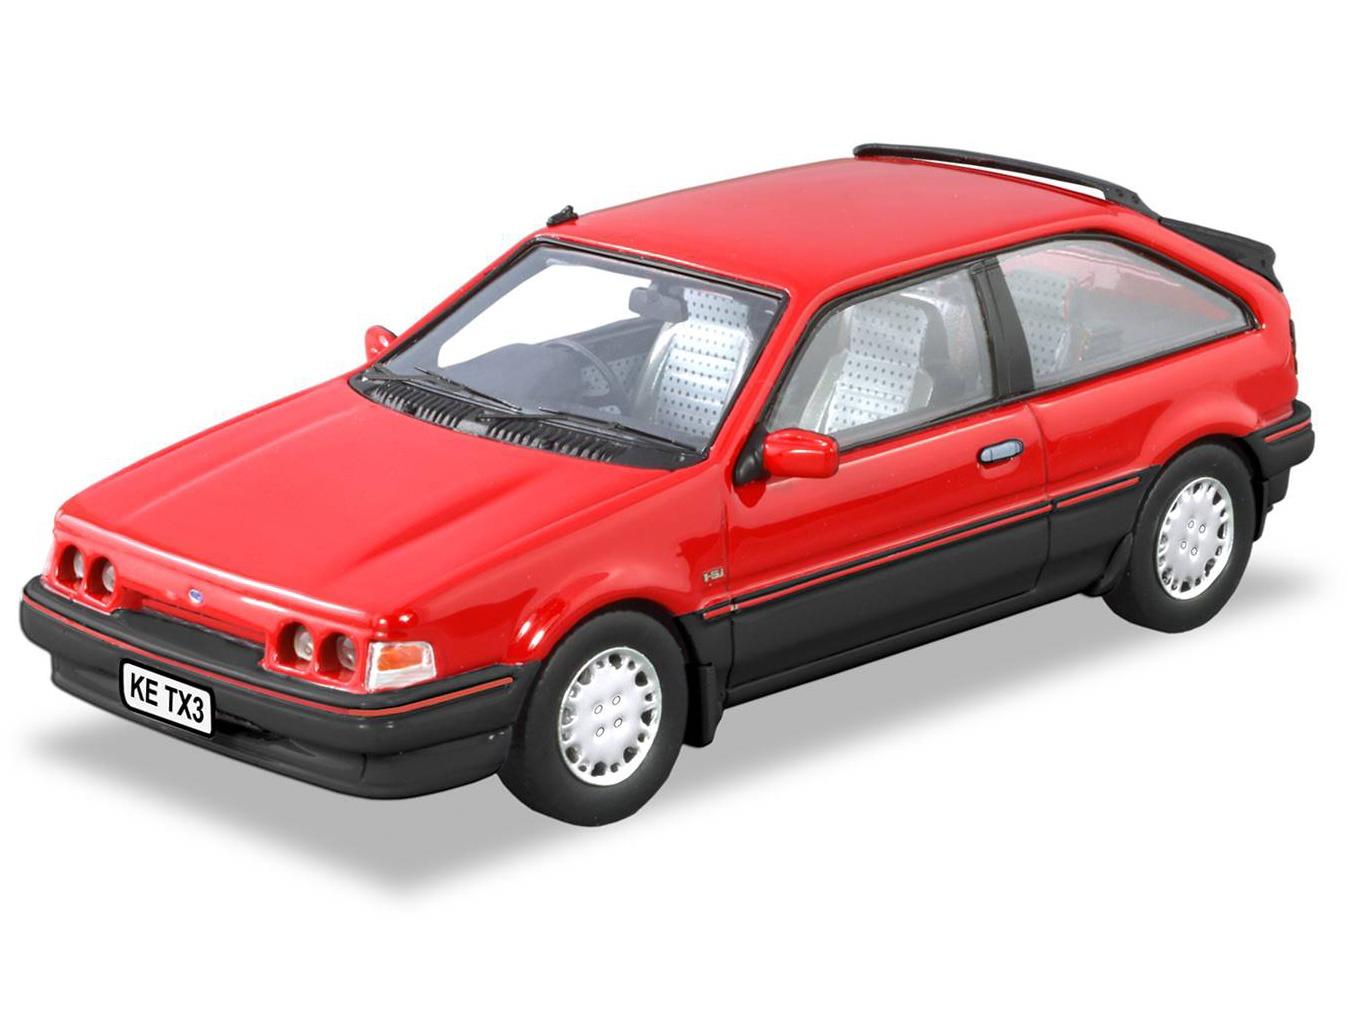 1988 Ford KE Laser TX3 – Monza Red